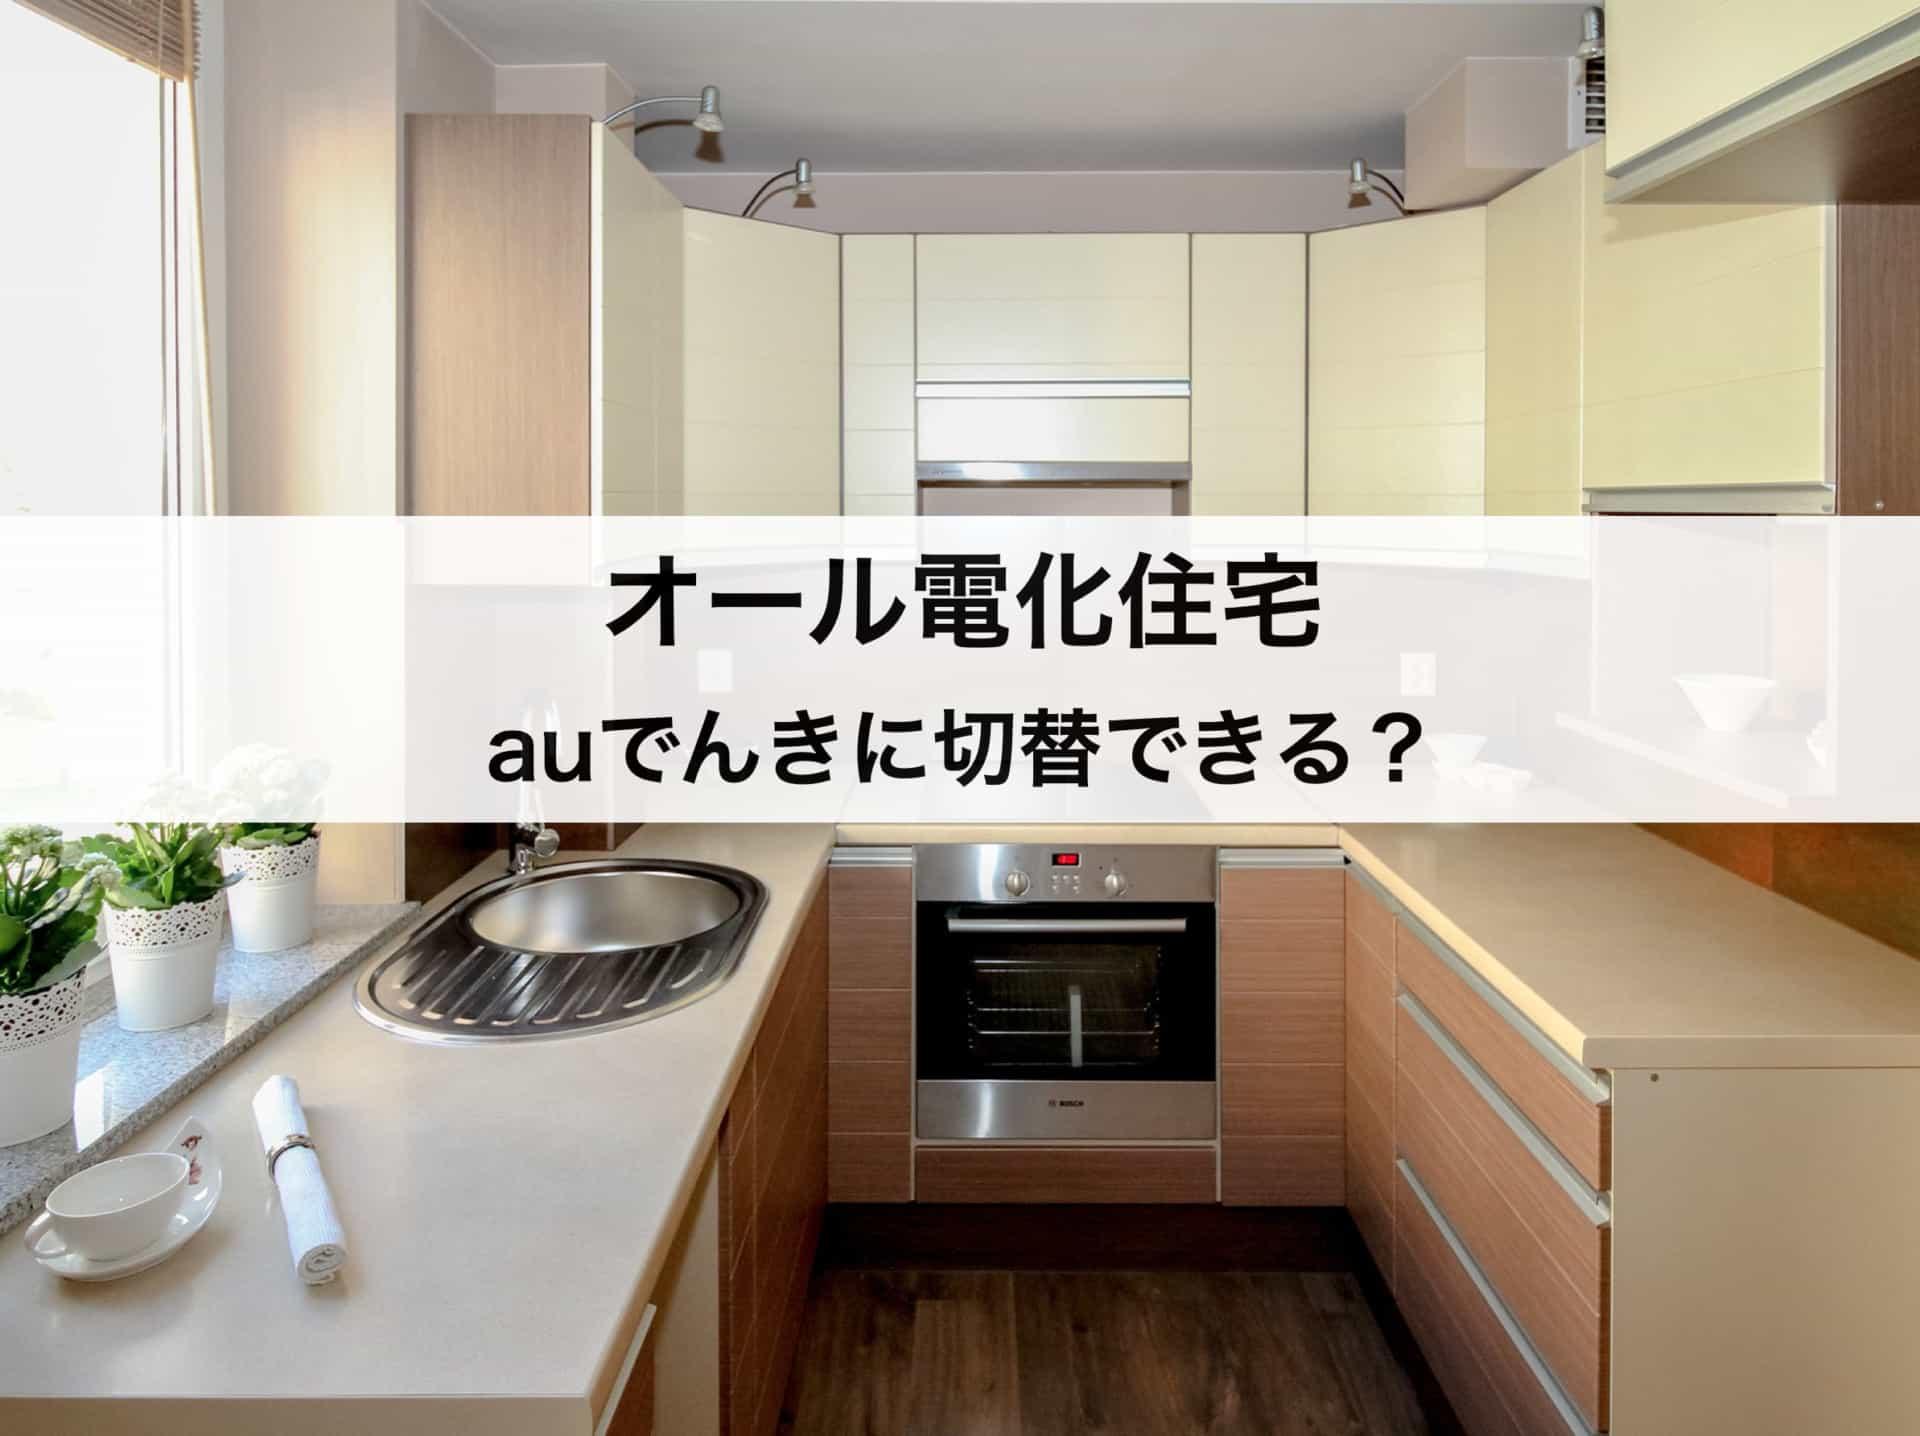 オール電化住宅はauでんきに切り替えできる?auでんきが高い理由を徹底解説!